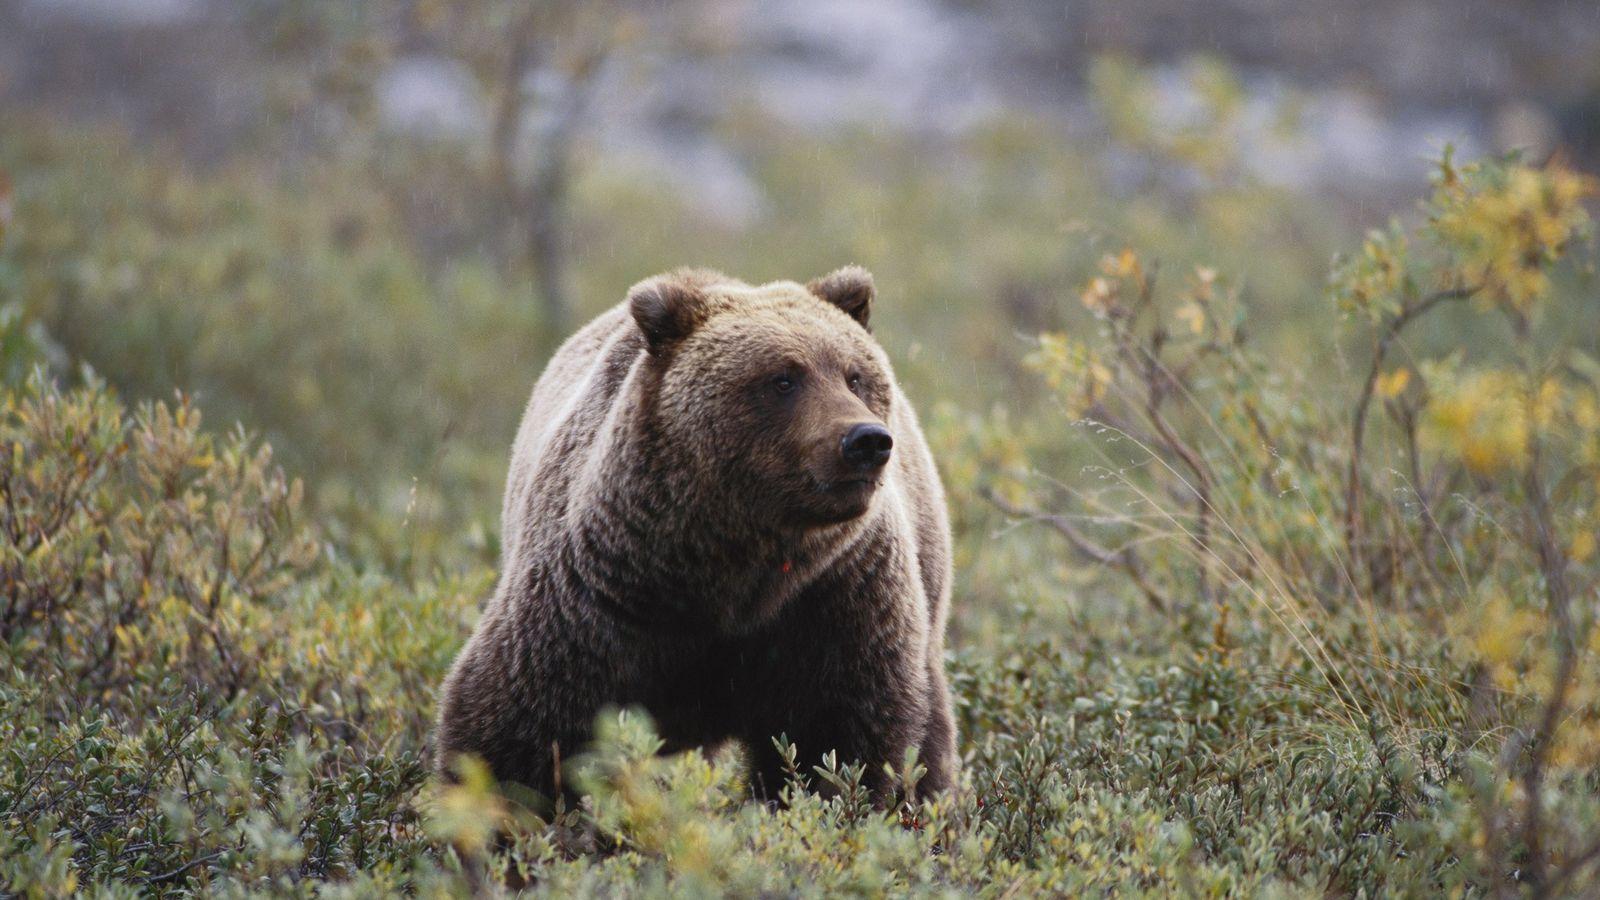 Um urso-pardo, também conhecido como urso-pardo da América do Norte, fareja o vento em busca de ...